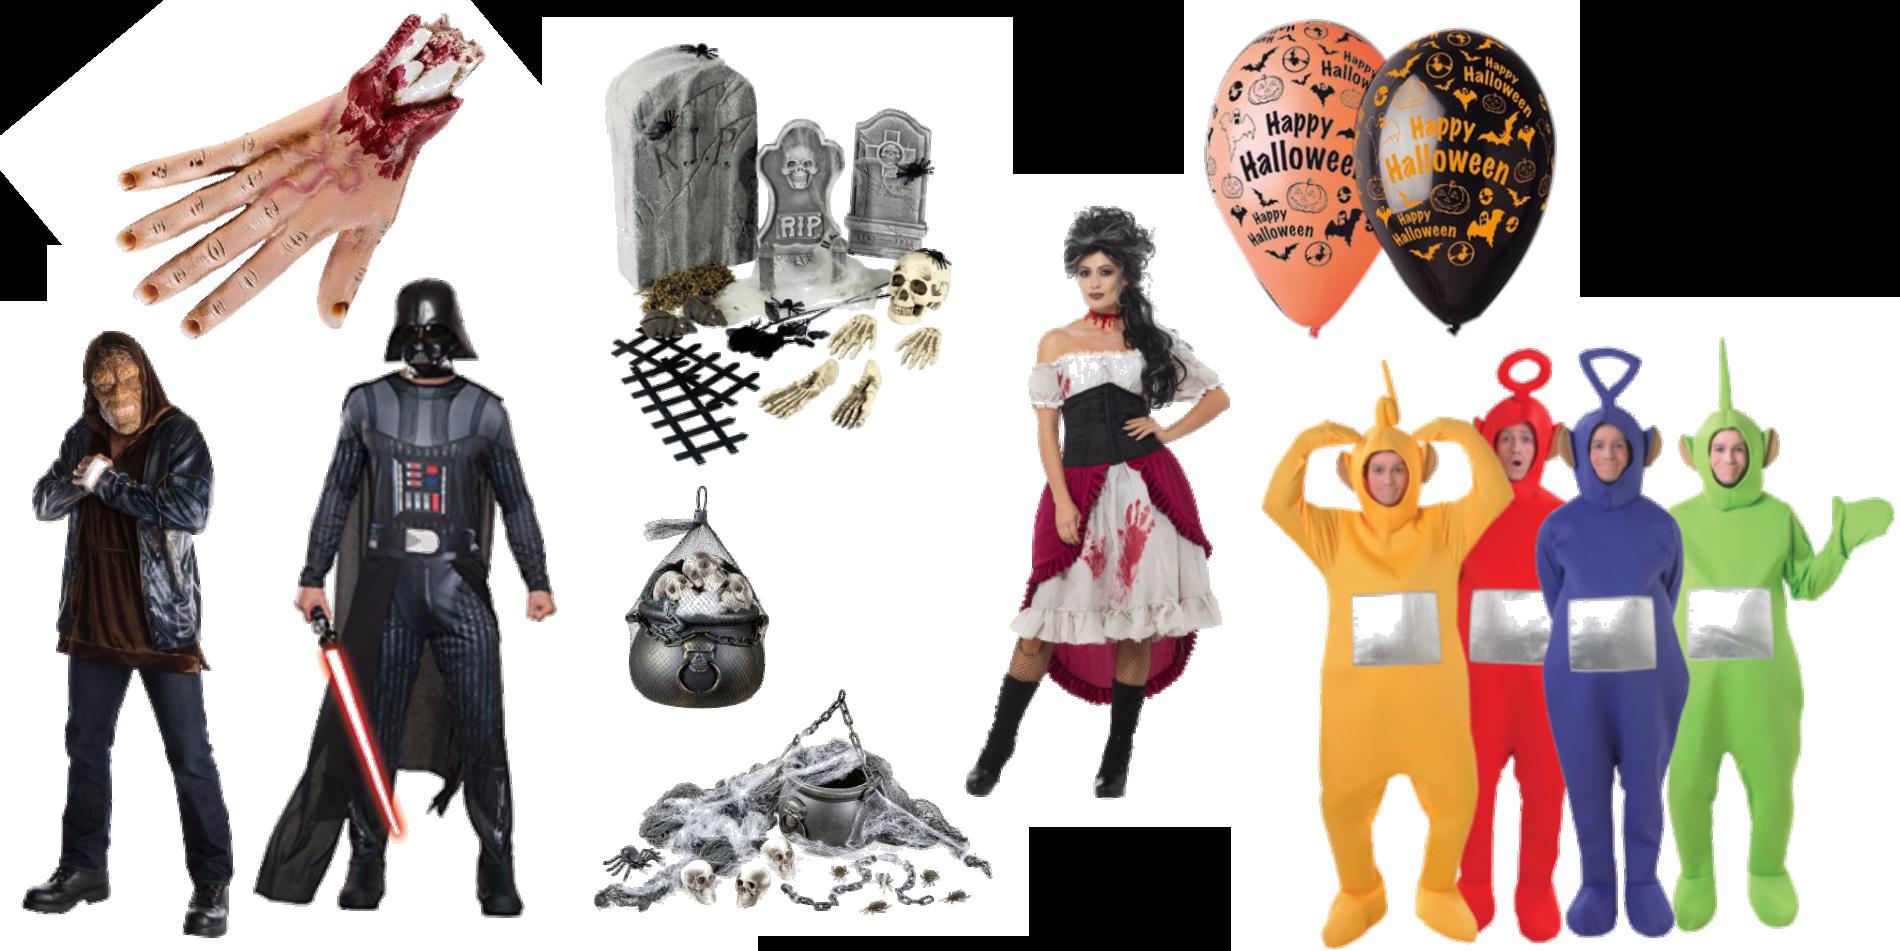 Halloweentips!